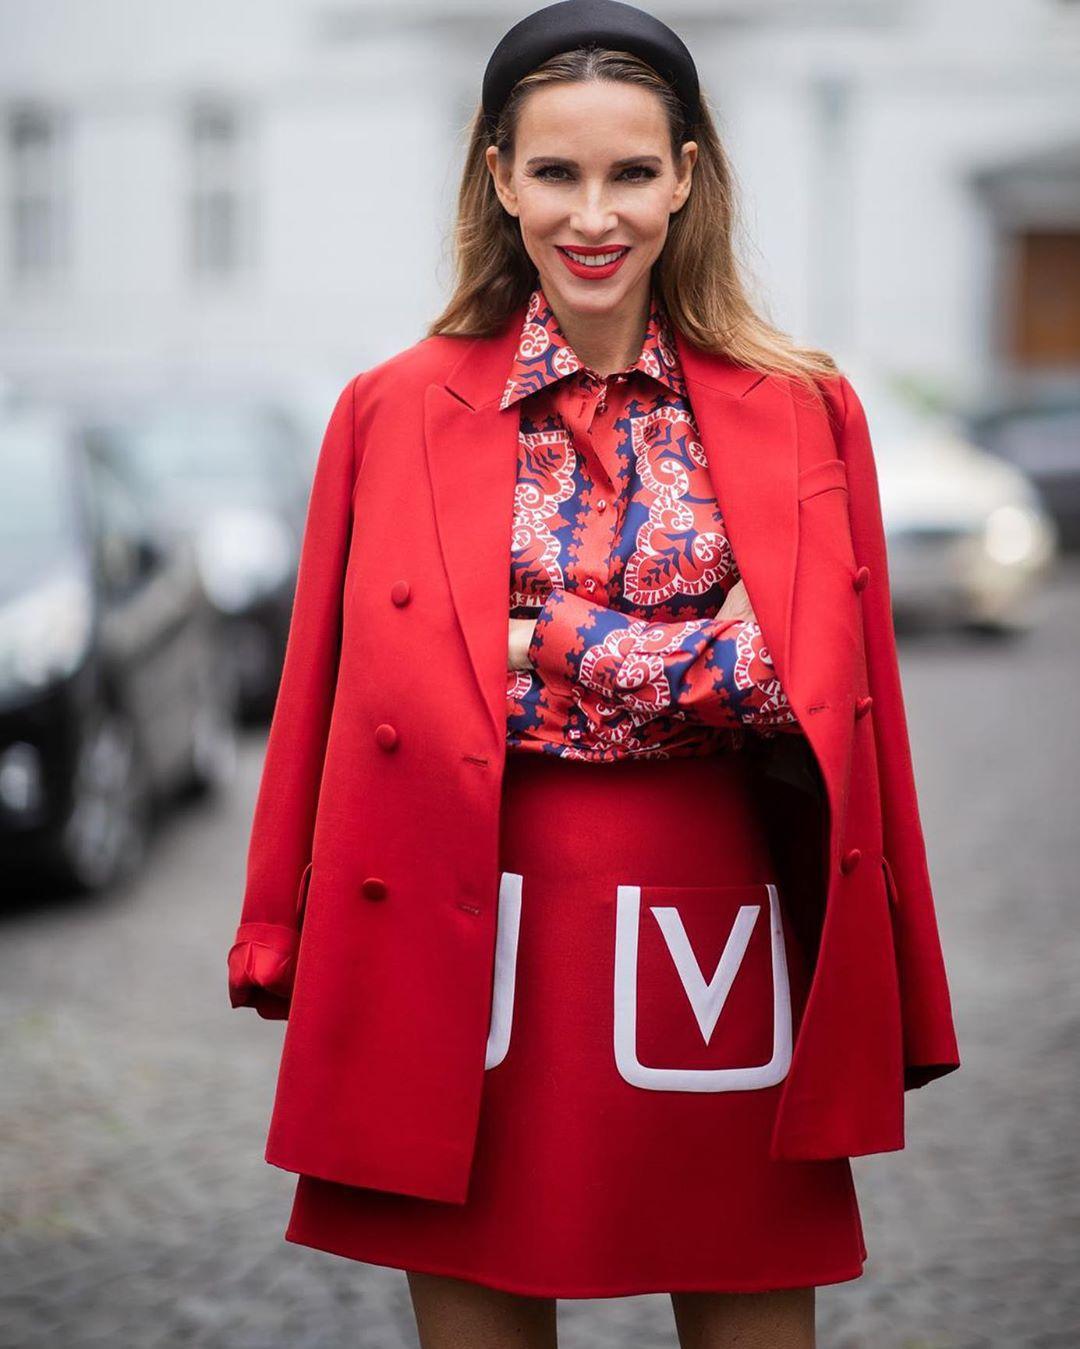 червена пола съчетана с риза със щампа